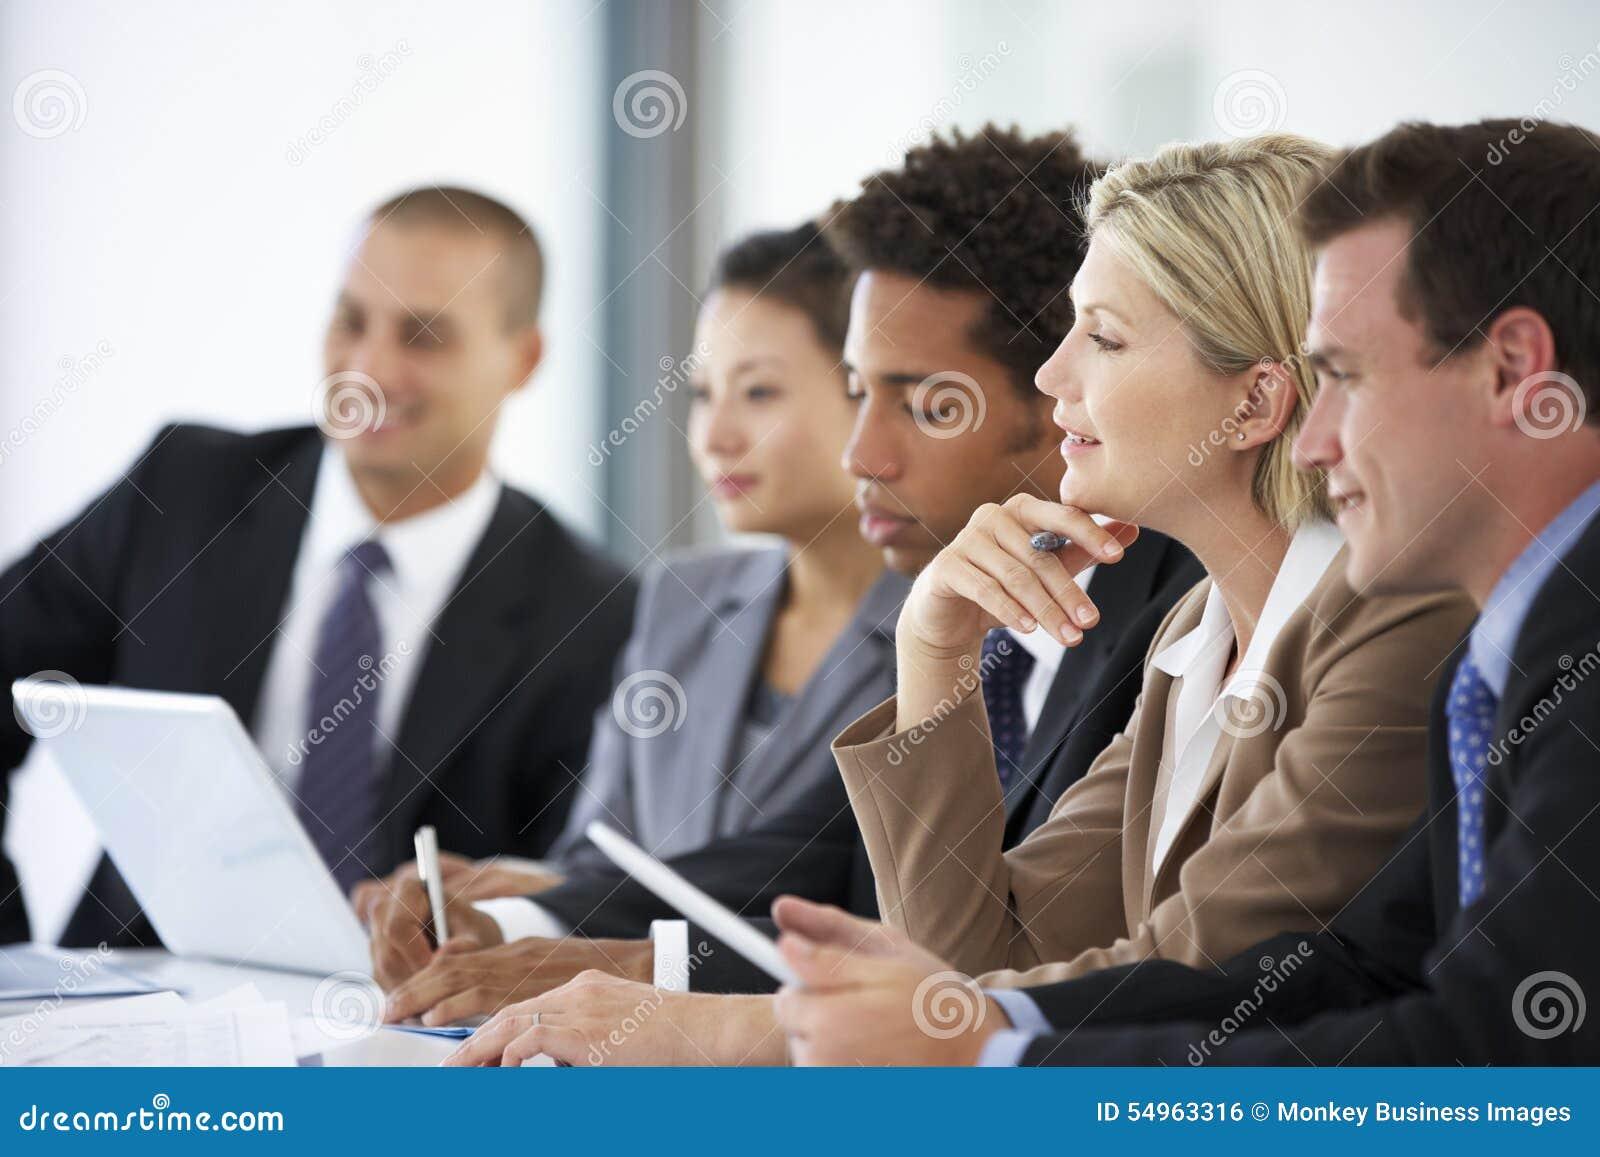 Grupo de hombres de negocios que escuchan el colega que dirige la reunión de la oficina